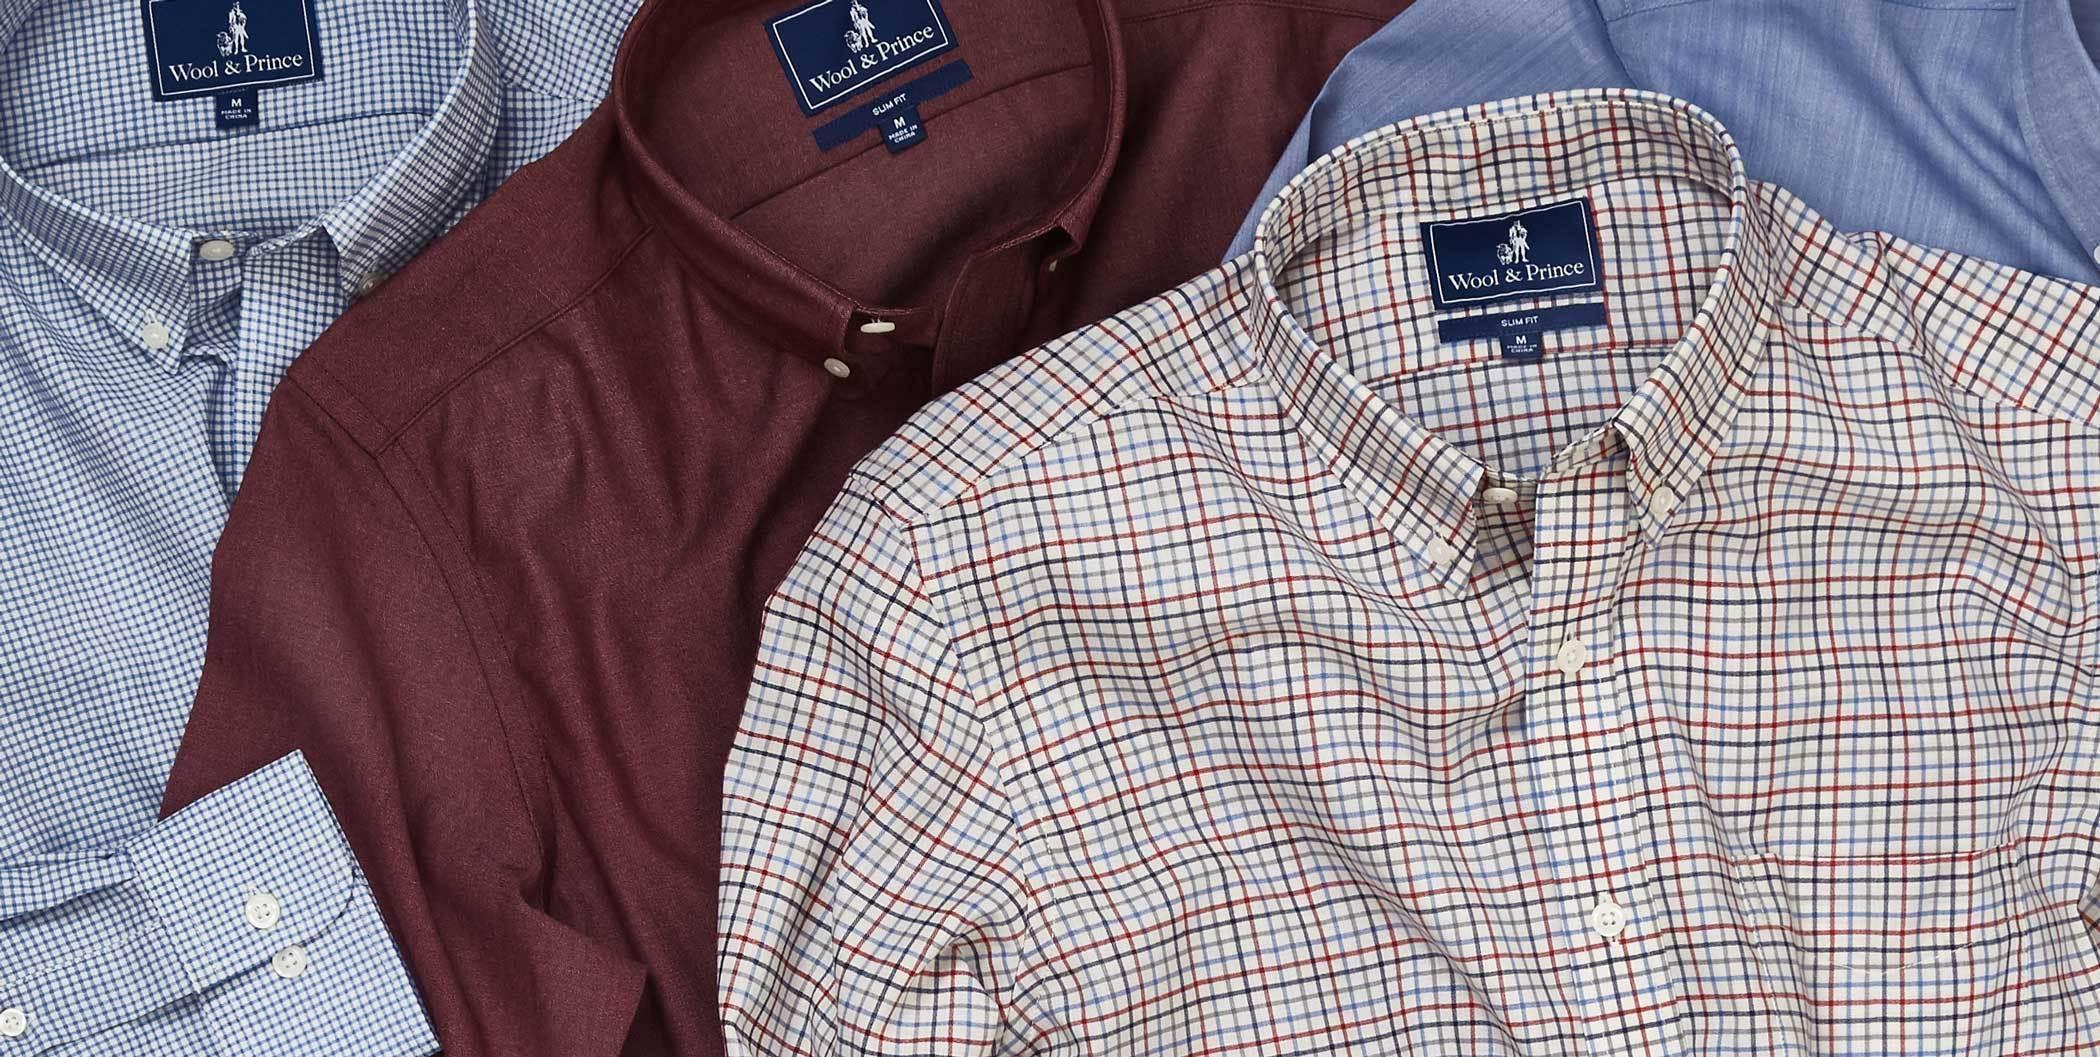 """Quần áo """"không cần giặt"""" sẽ là xu hướng kế tiếp của ngành thời trang? 6"""